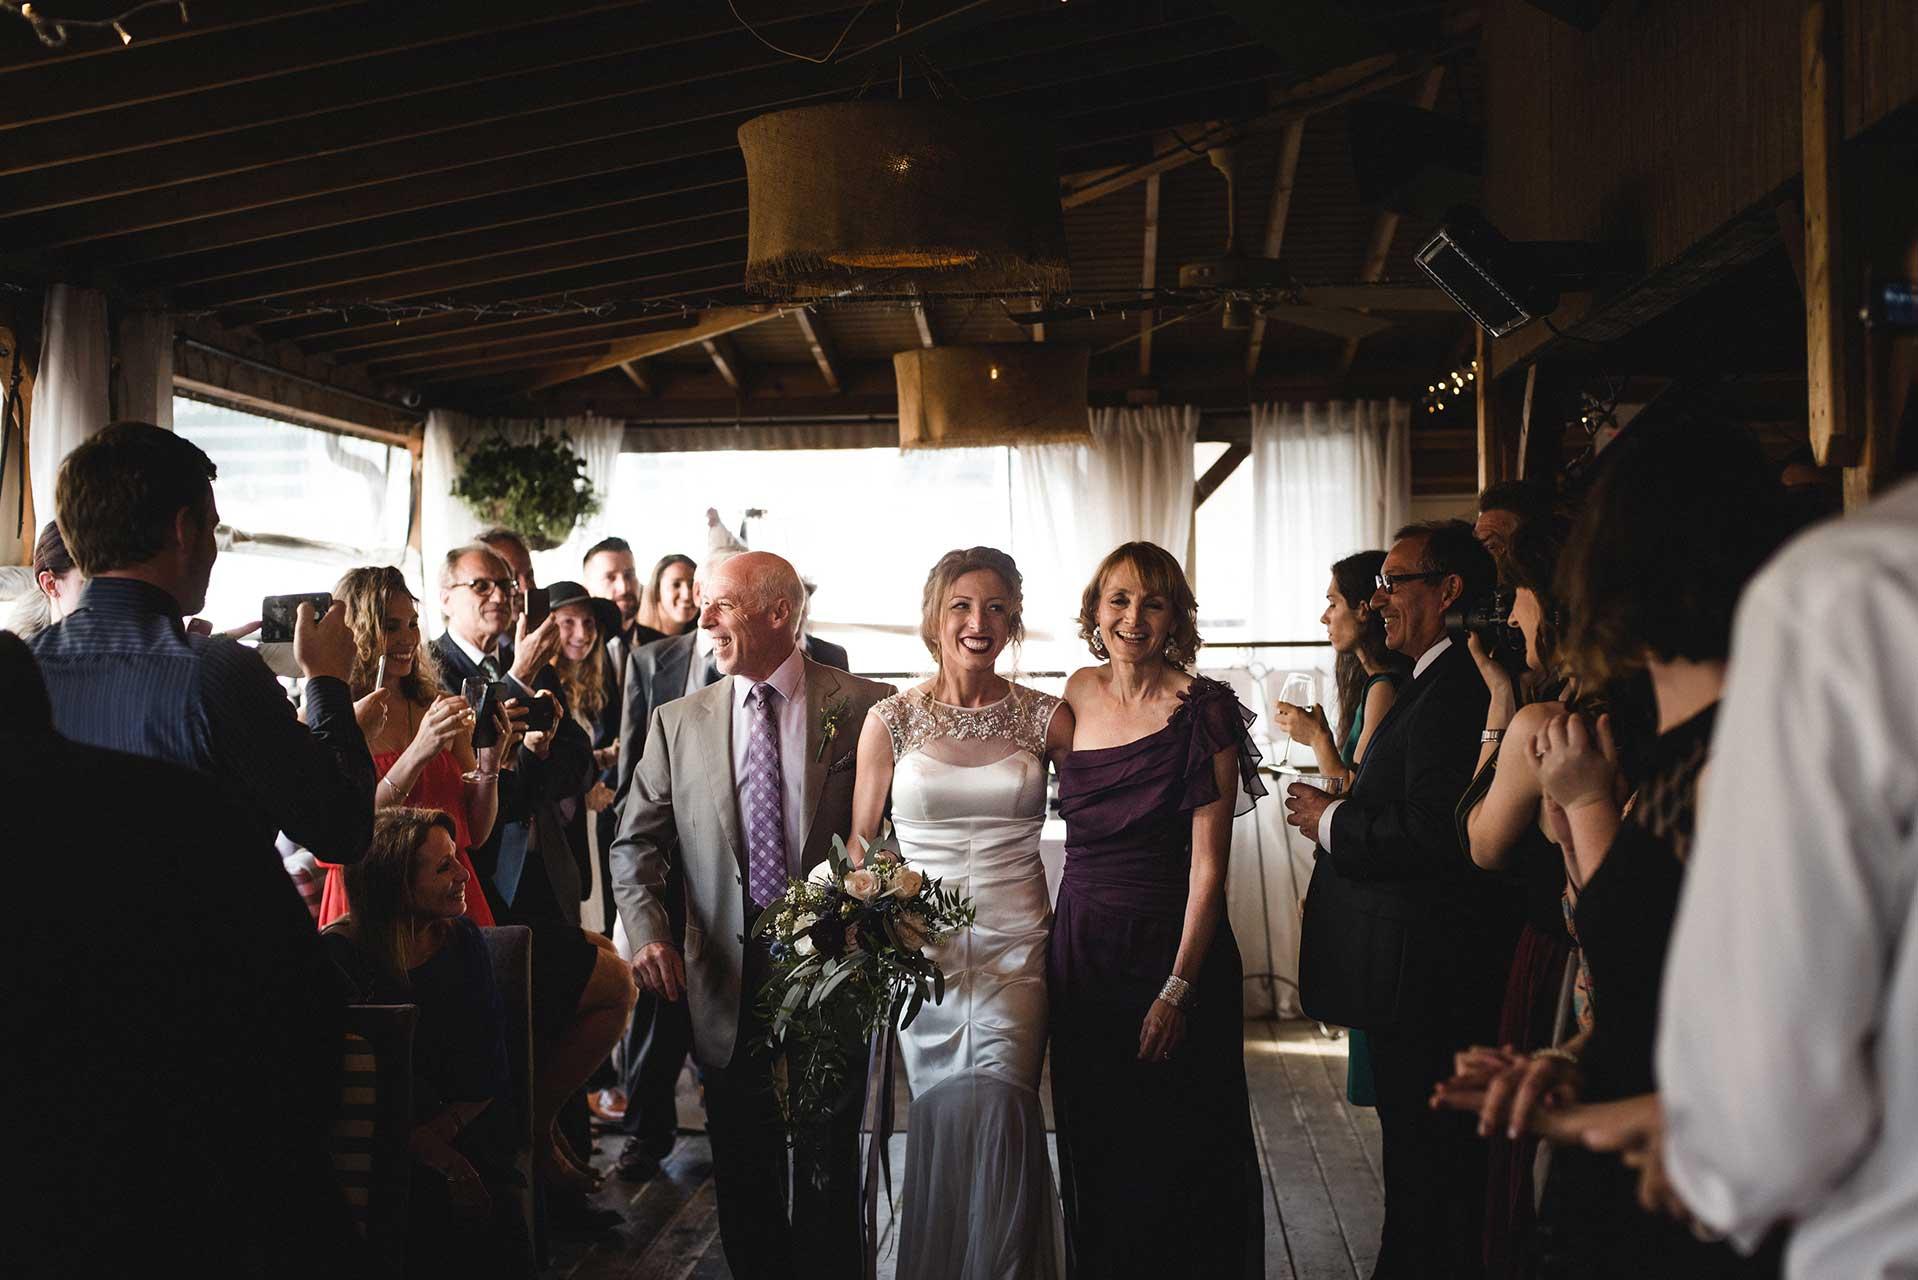 Unique Wedding Venues Toronto - Wedding Ceremony - Rooftop Terrace